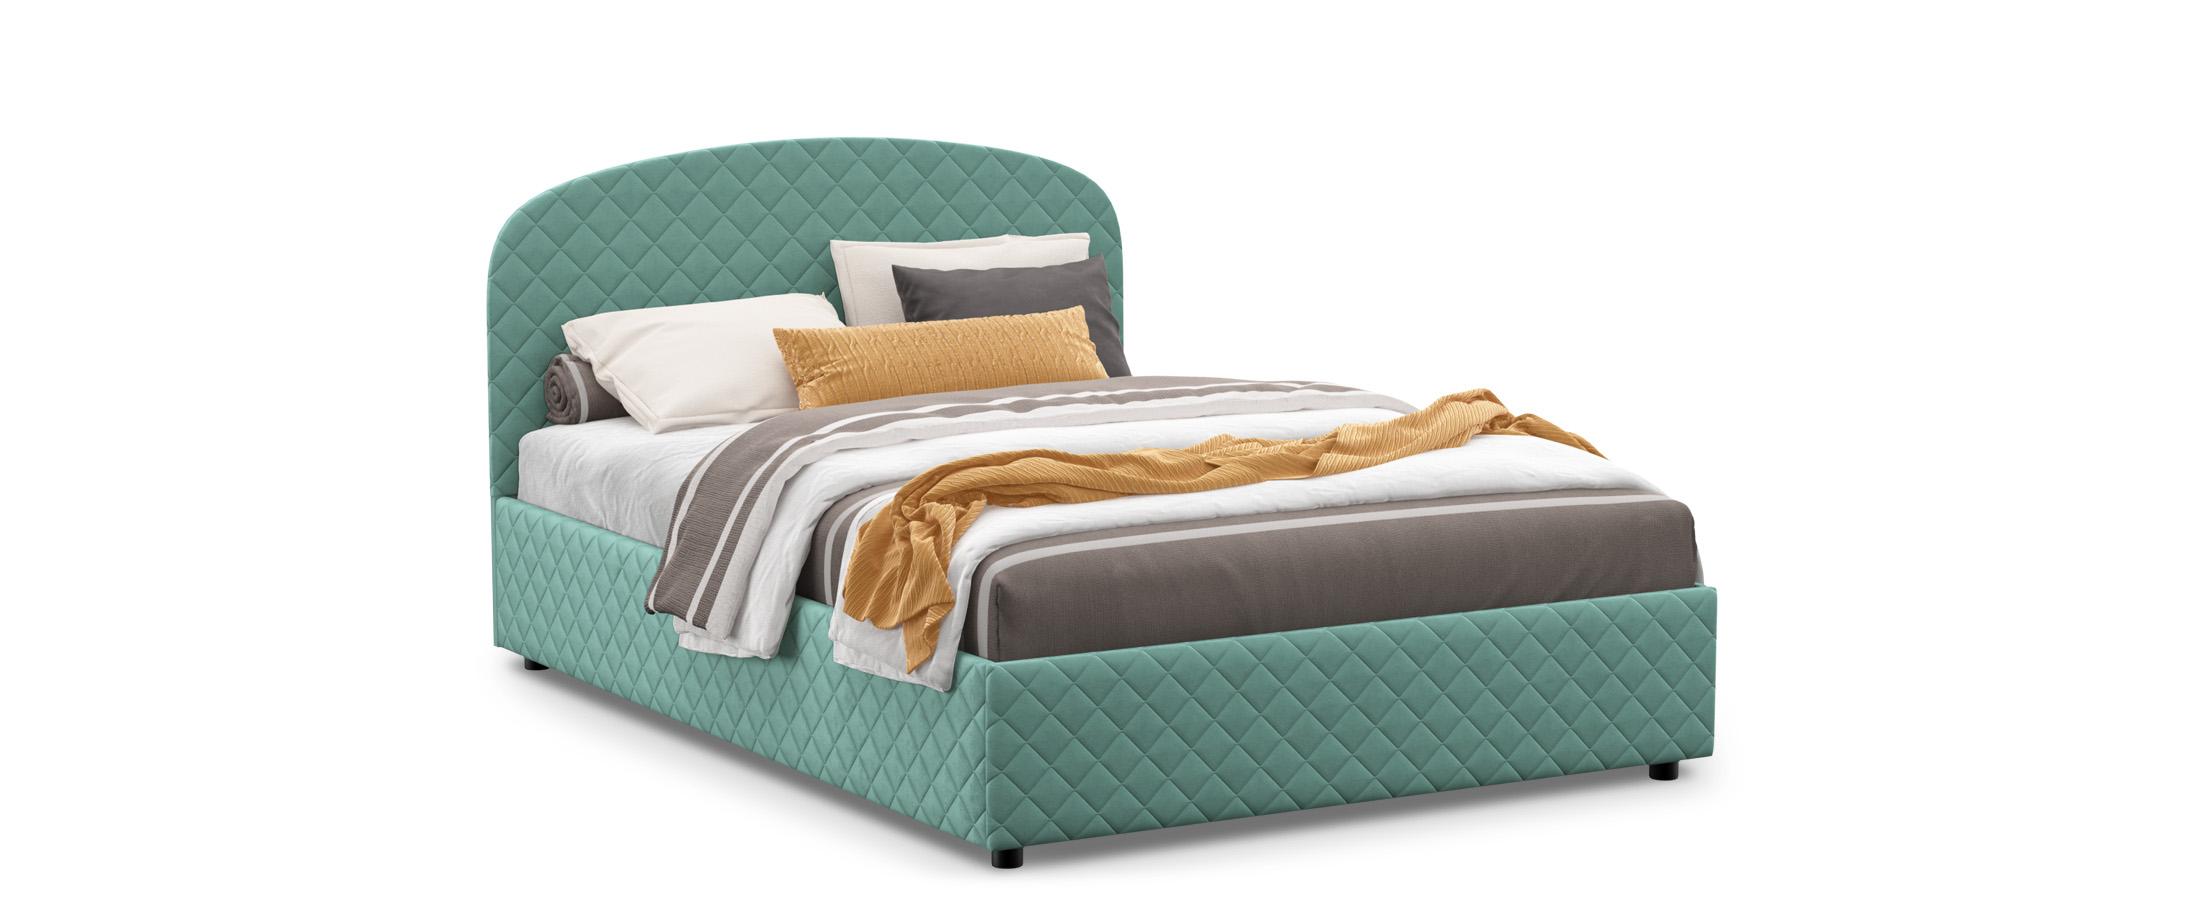 Кровать двуспальная Allegro New 140х200 Модель 1224 фото